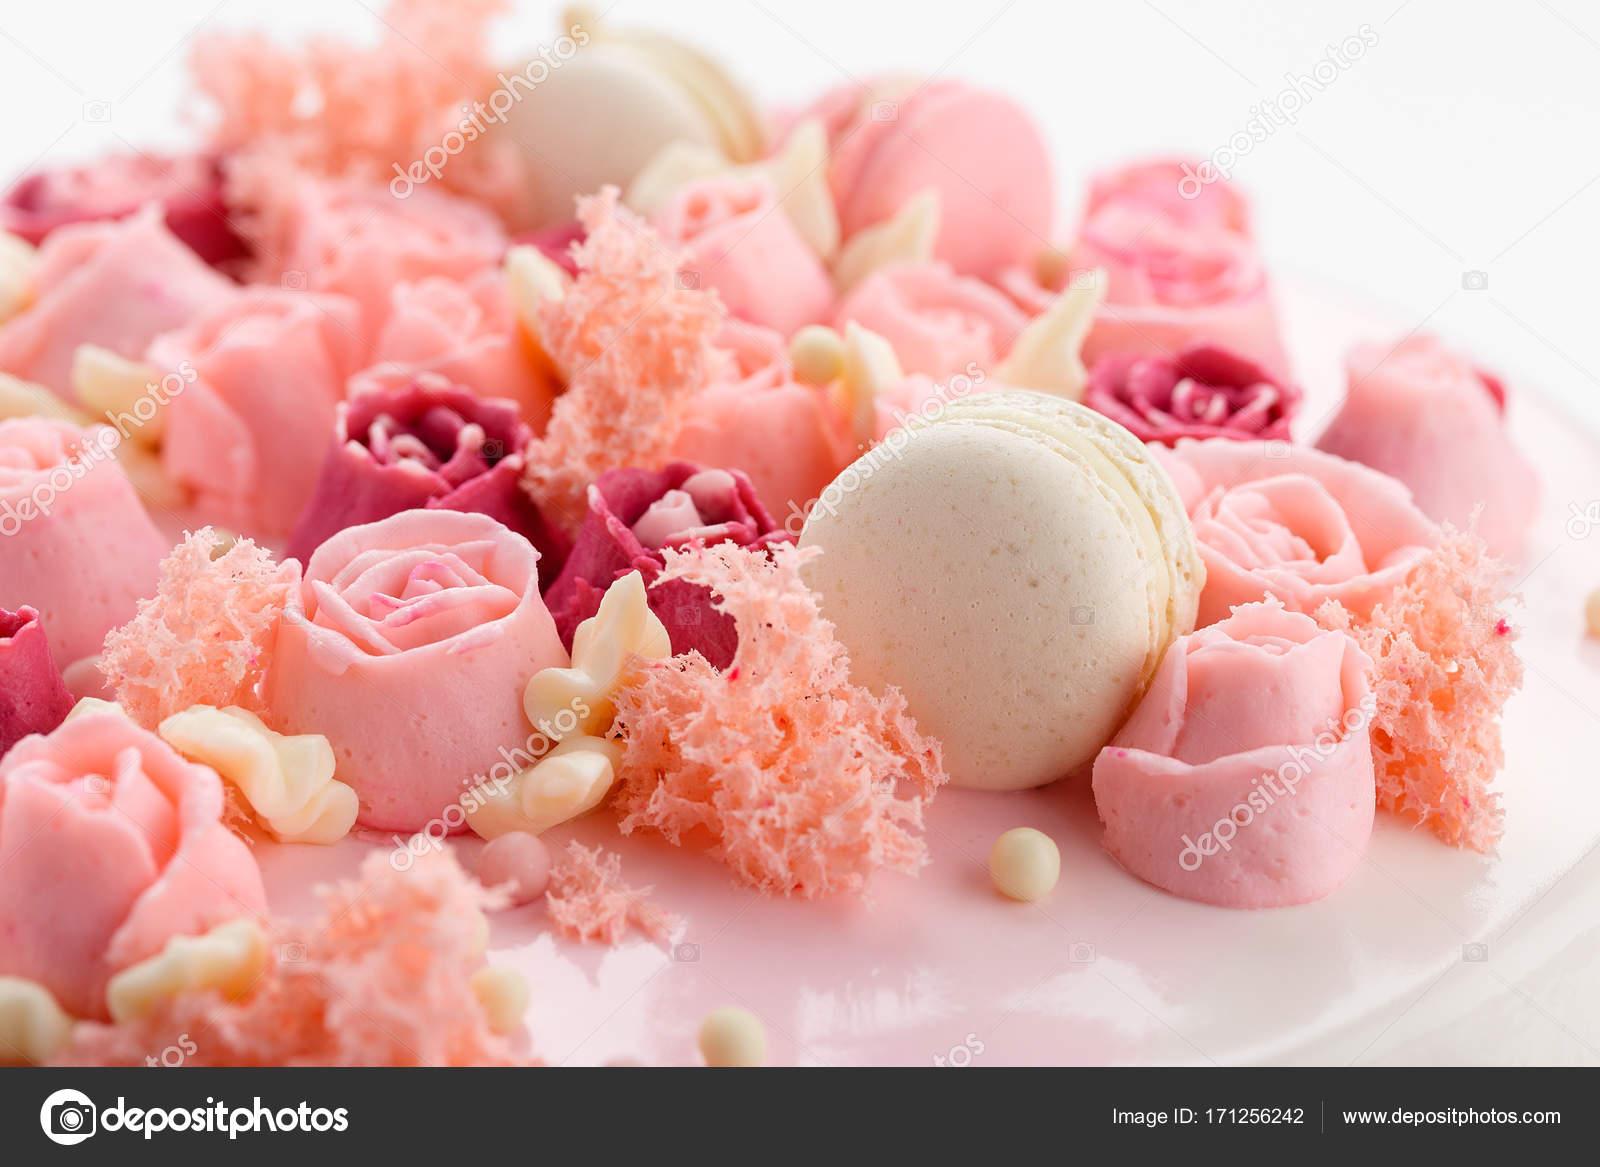 Closeup Rosa Creme Rose Blumen Dekoration Auf Glasierten Kuchen